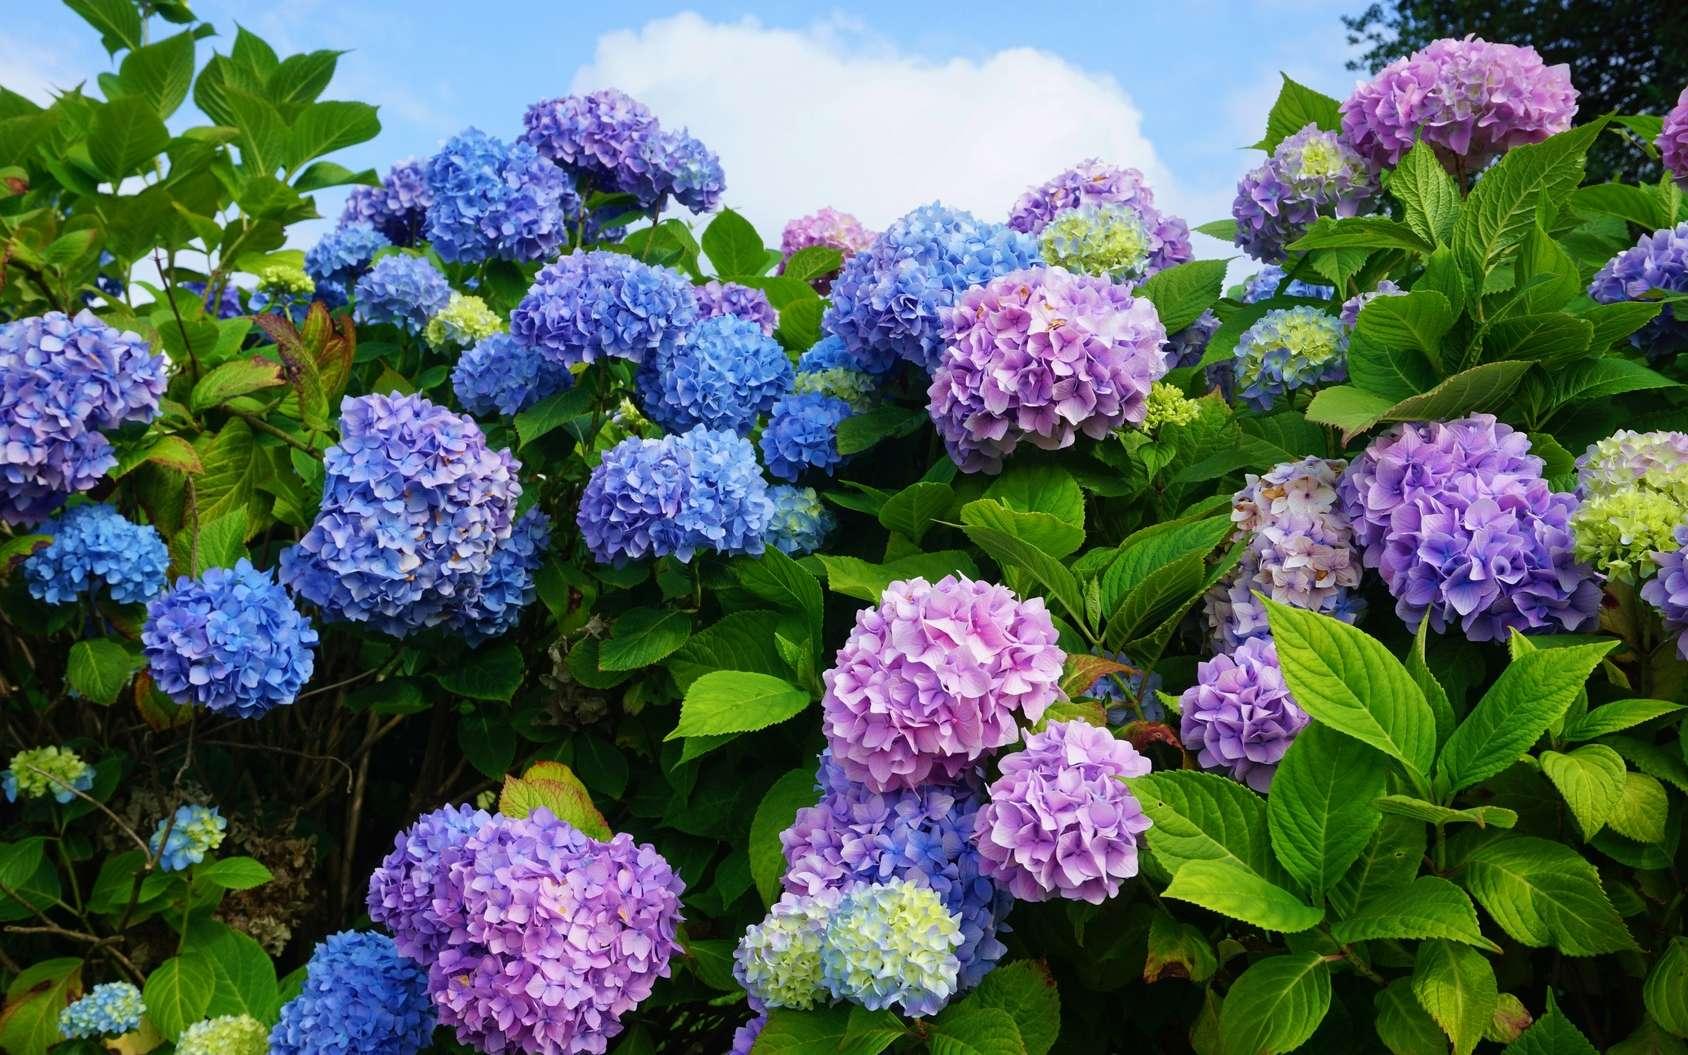 Les boutures d'hortensias se réalisent en juillet-août. © Fotolia